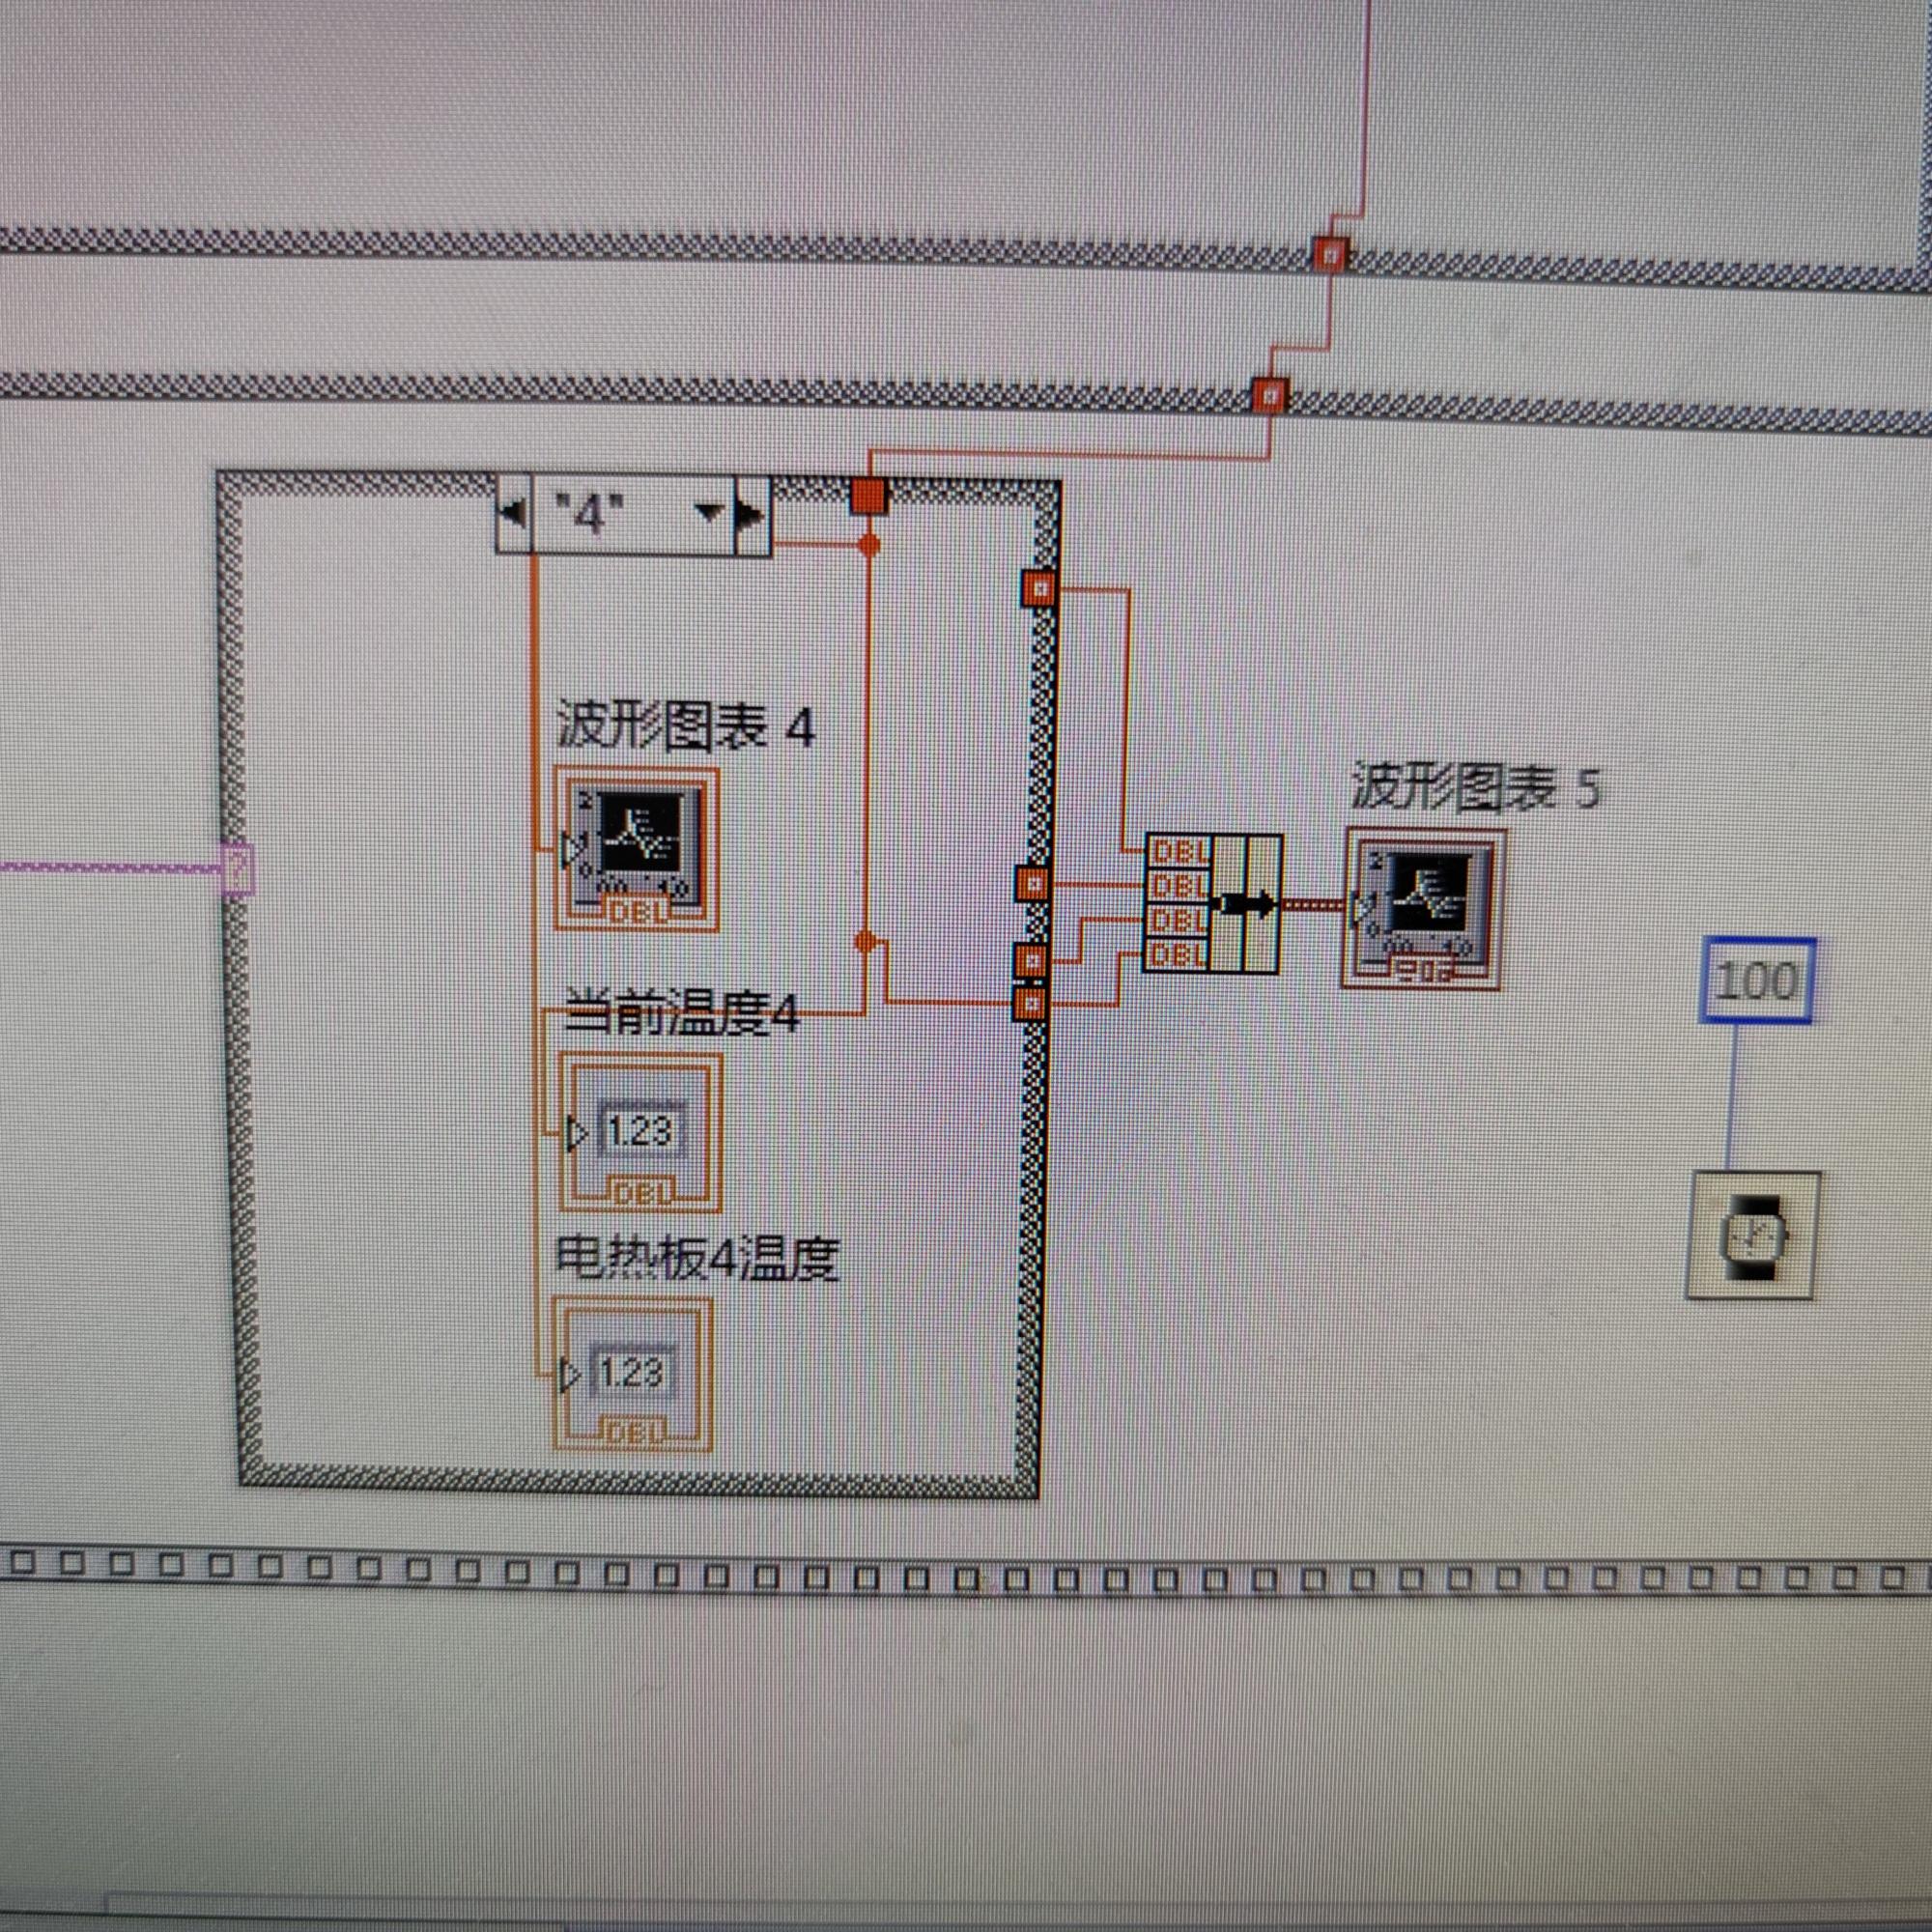 我用labview循环从一个串口向四台下位机发送指令,如何让四台下位机的回传数据同时输入波形图?